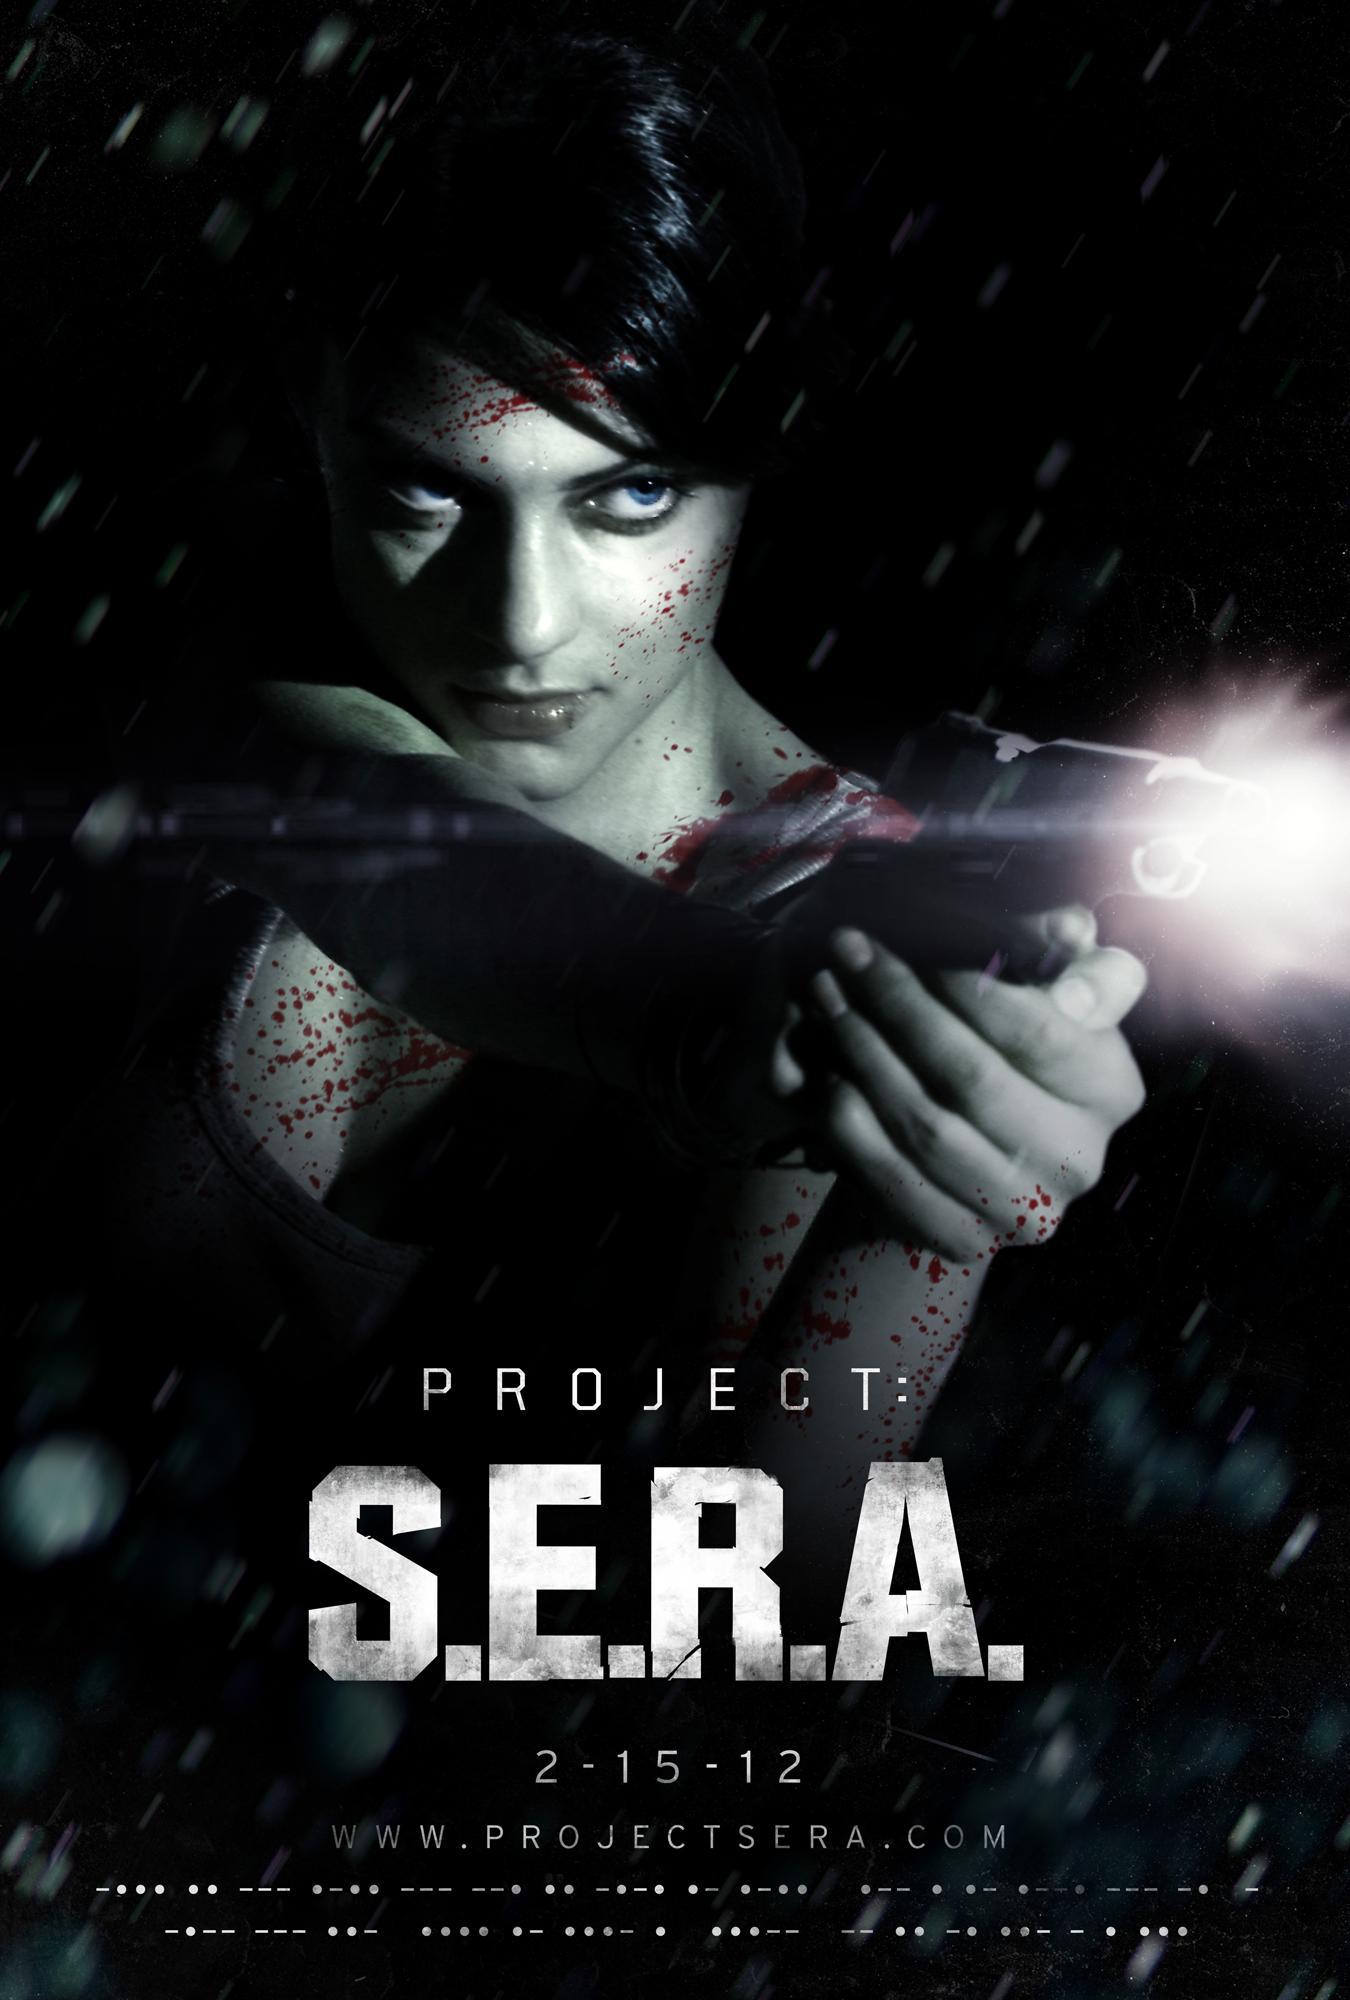 دانلود زیرنویس فارسی فیلم Project: S.E.R.A.